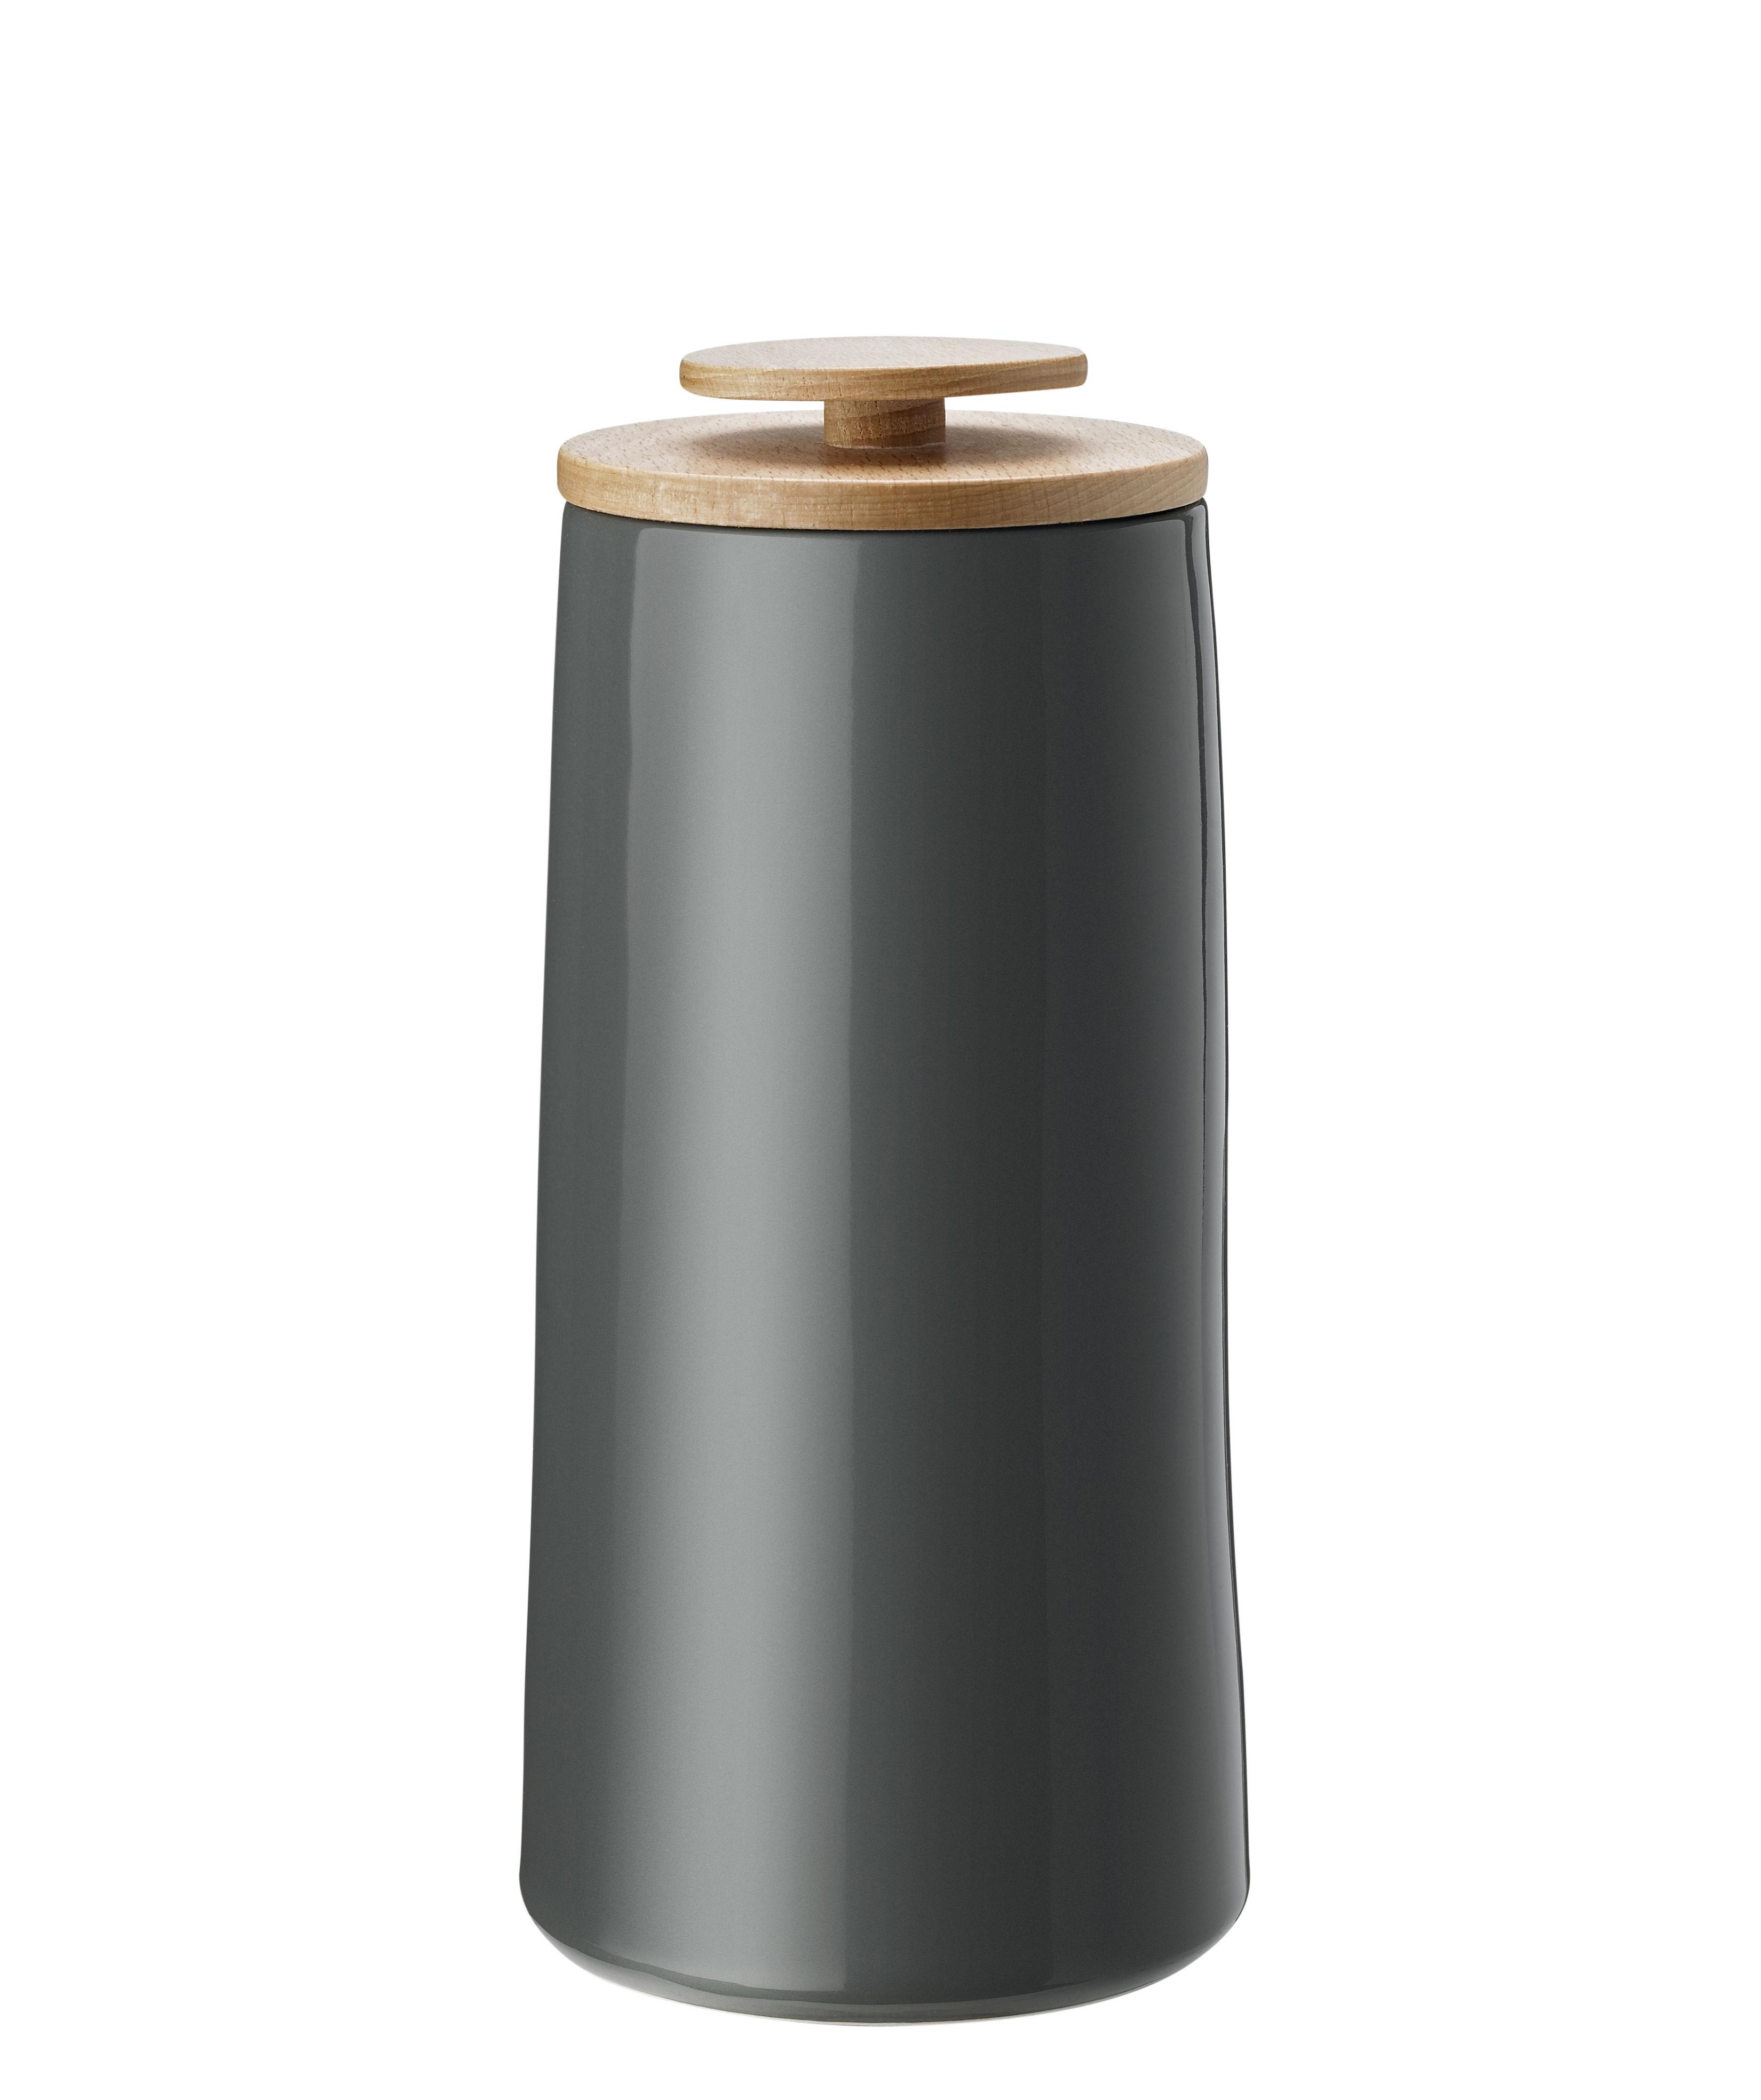 Tavola - Caffè - Contenitore ermetico Emma - / Per caffè - 1,2 L di Stelton - Grigio scuro / 1,2 L - Bois de hêtre, Gres smaltato